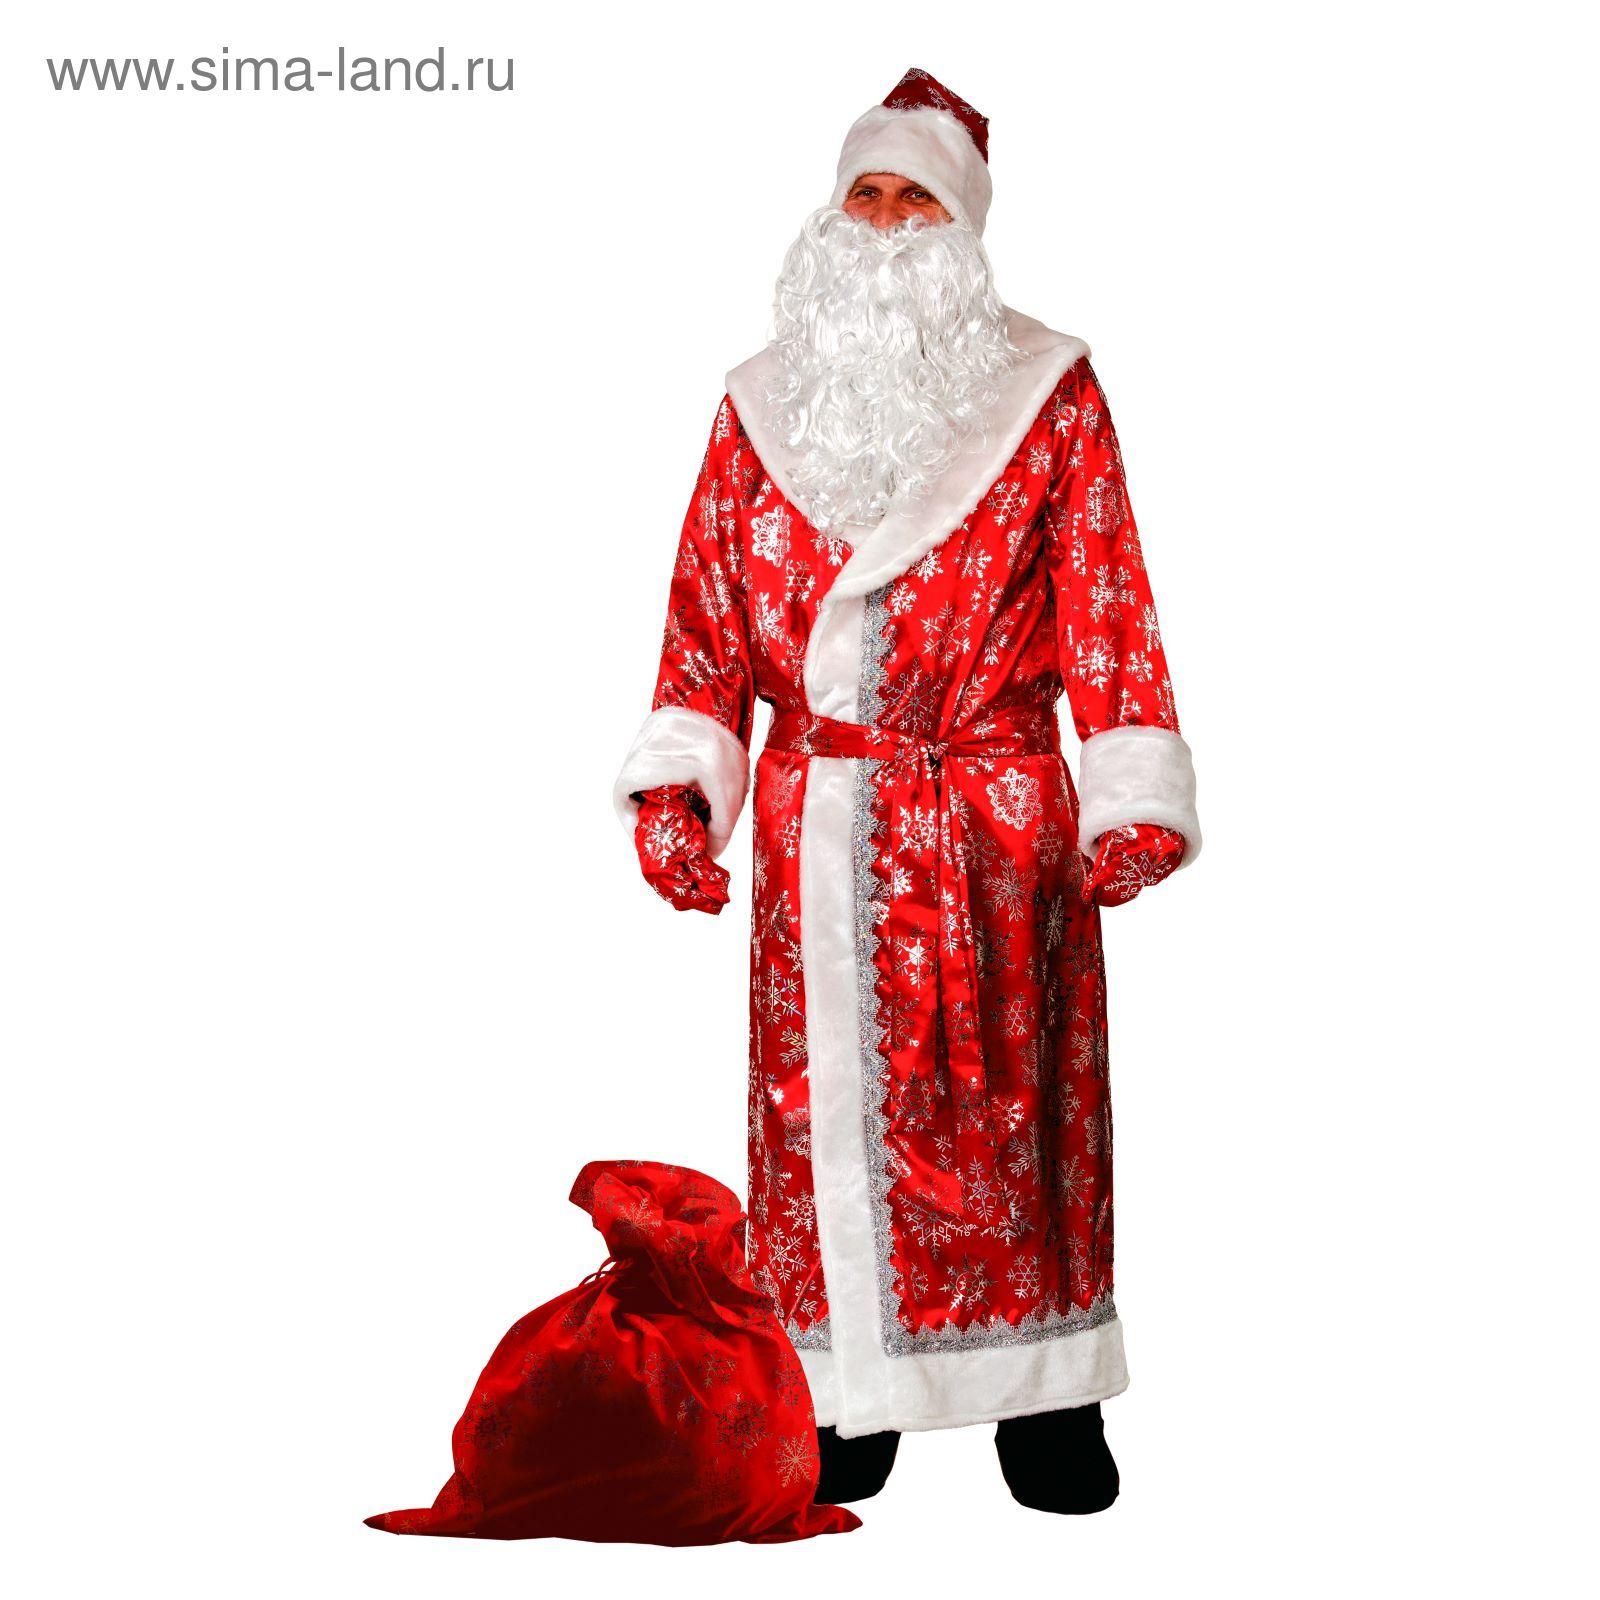 Карнавальный костюм «Дед Мороз», сатин, размер 54-56, цвет красный ... 643a853584d